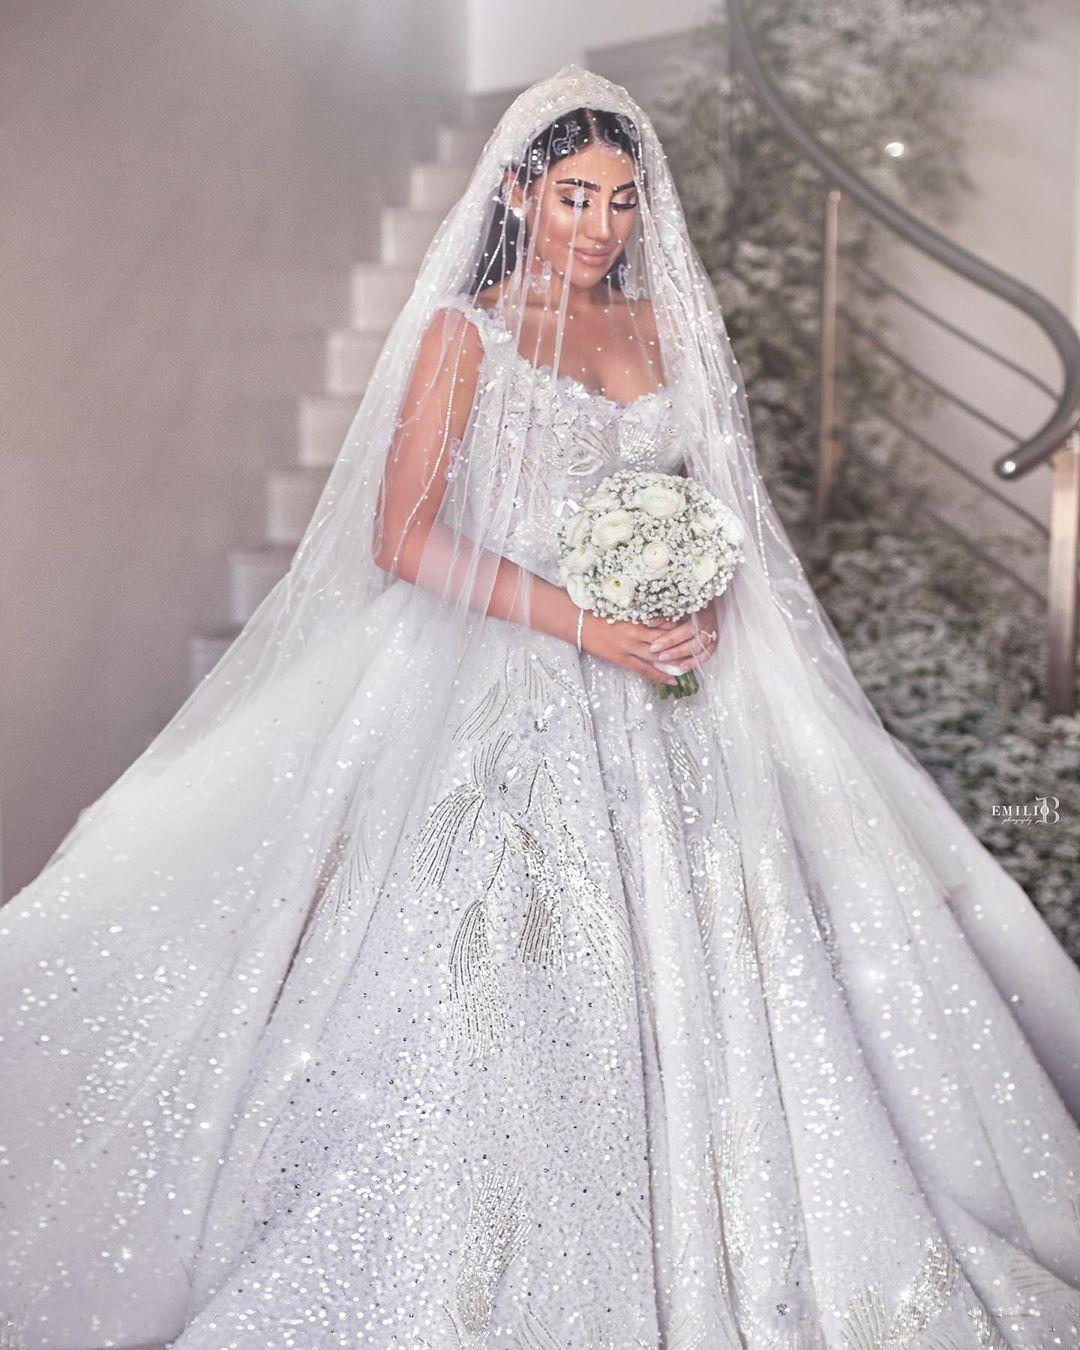 فساتين زفاف فخمة Wedding Dresses Unique Wedding Dresses Tight Wedding Dress